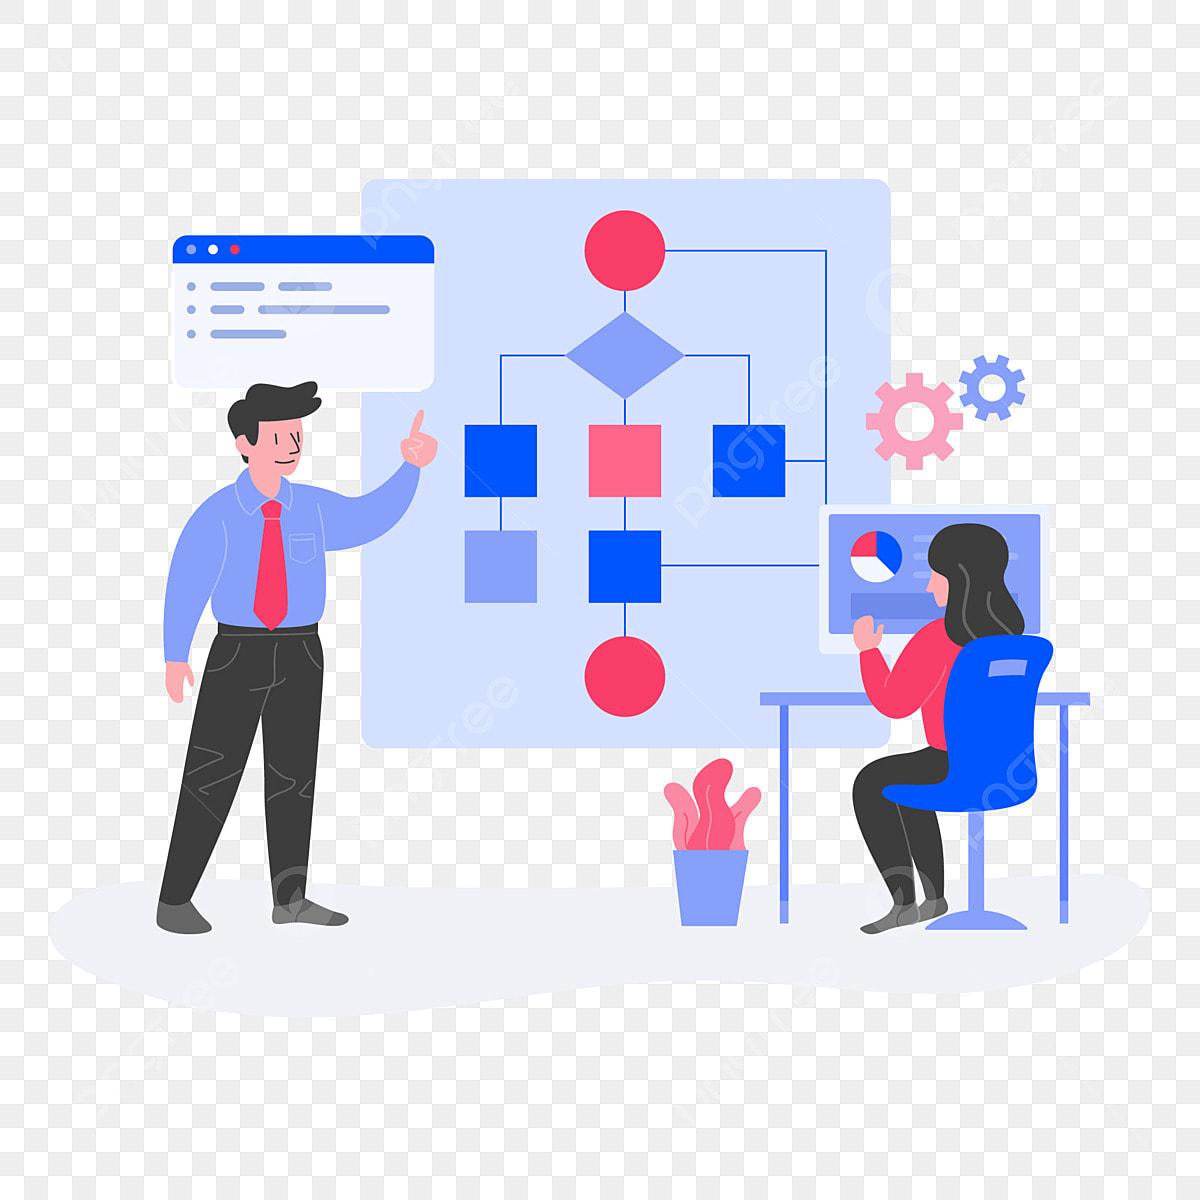 Komputer Algoritma Ilustrasi Konsep Rata Bentuk Konsep